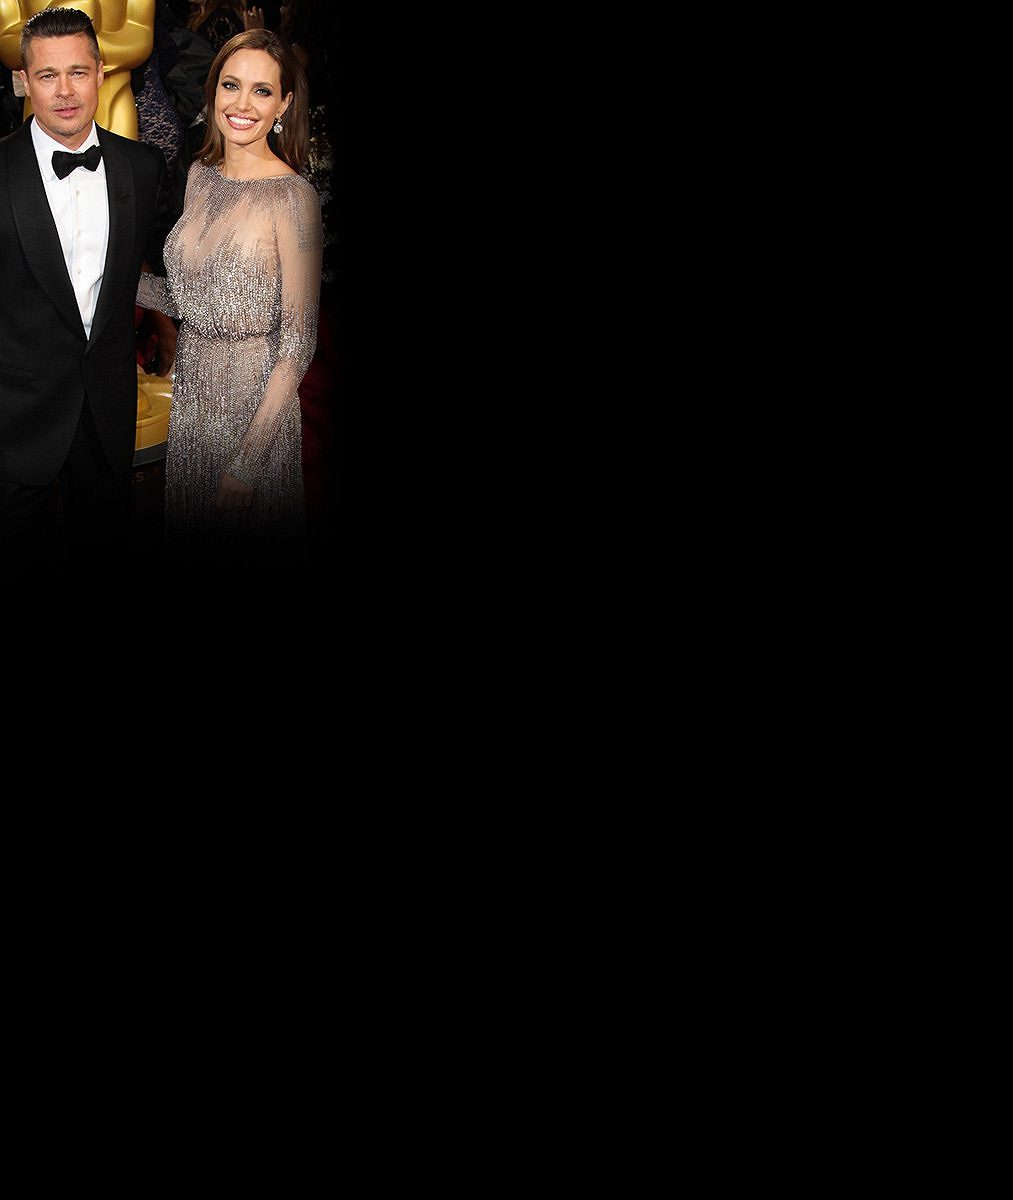 Jak to Angelině Jolie slušelo ve svatebních šatech? Podívejte se na nejpřísněji tajenou nevěstu!